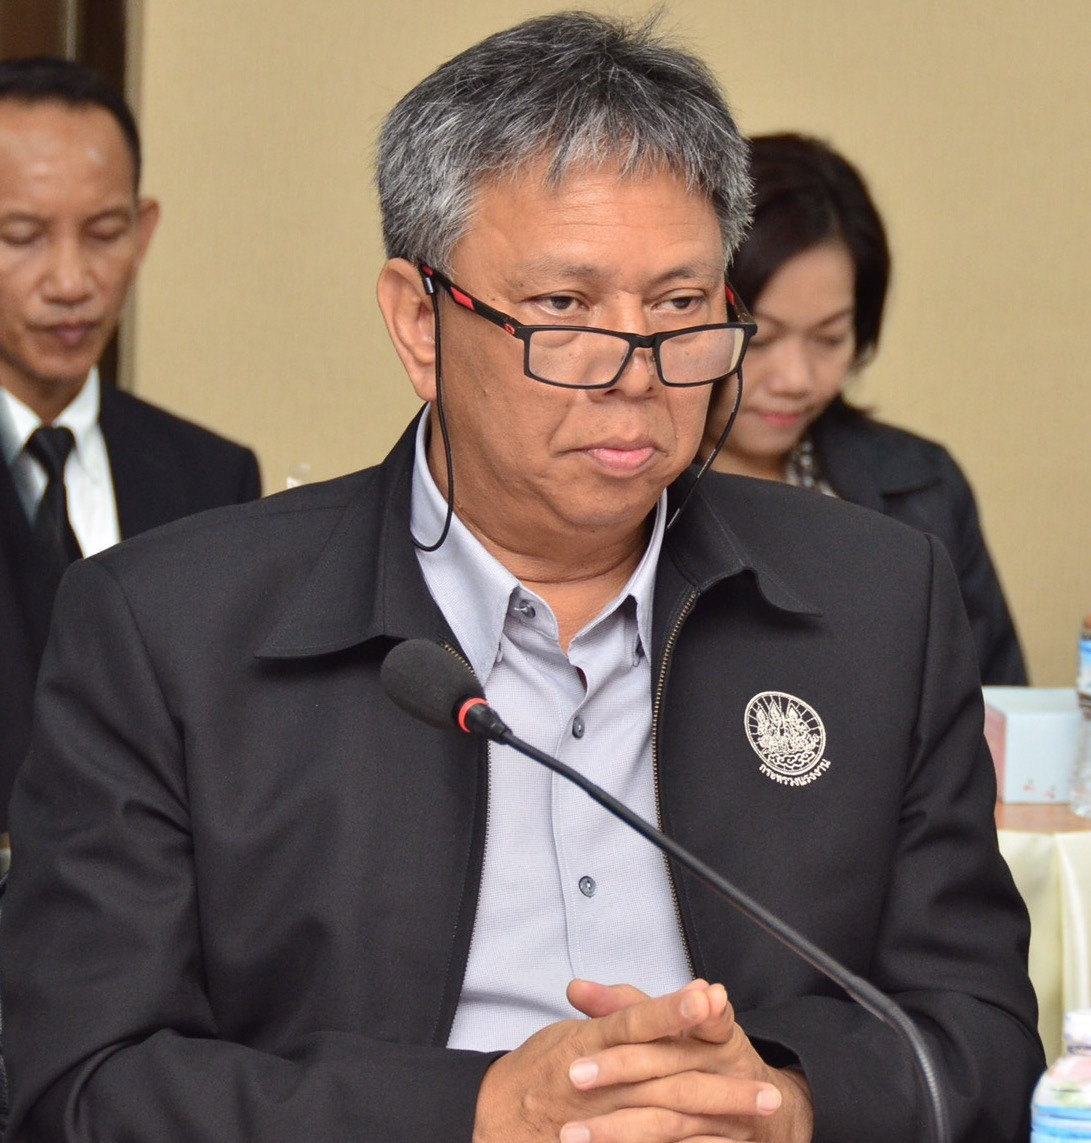 บิ๊กกระทรวงแรงงานย้ำหัวหน้าส่วนราชการปรับตัวให้รองรับการเป็นข้าราชการยุค Thailand 4.0